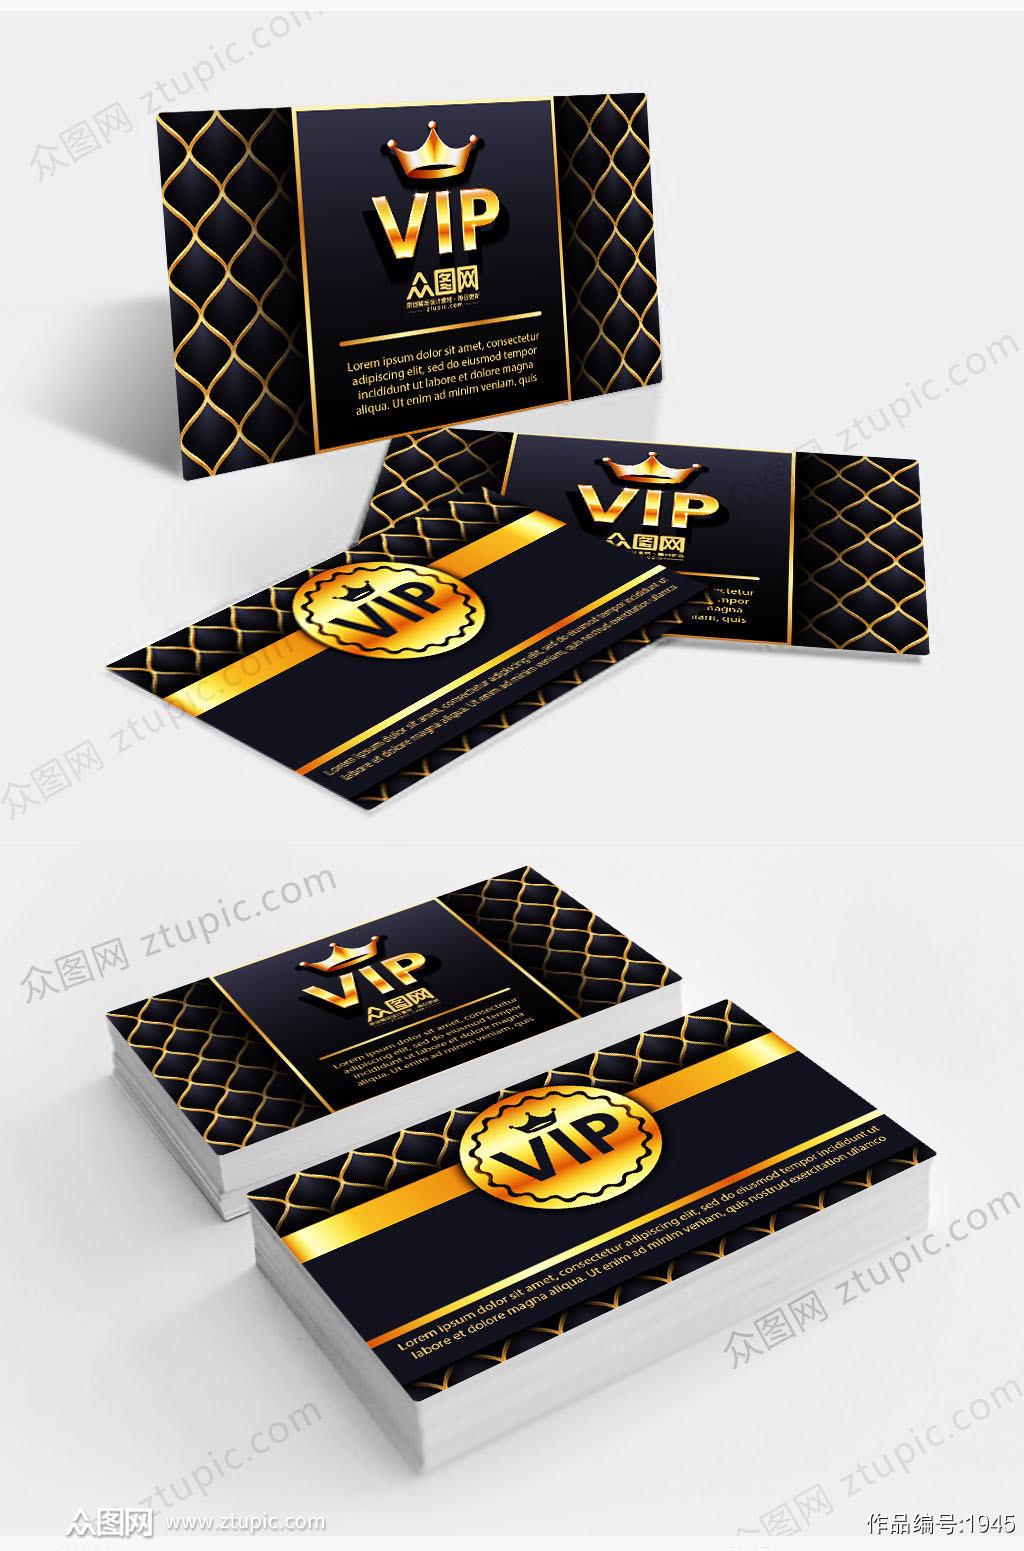 大气金色商务VIP贵宾卡会员卡设计素材